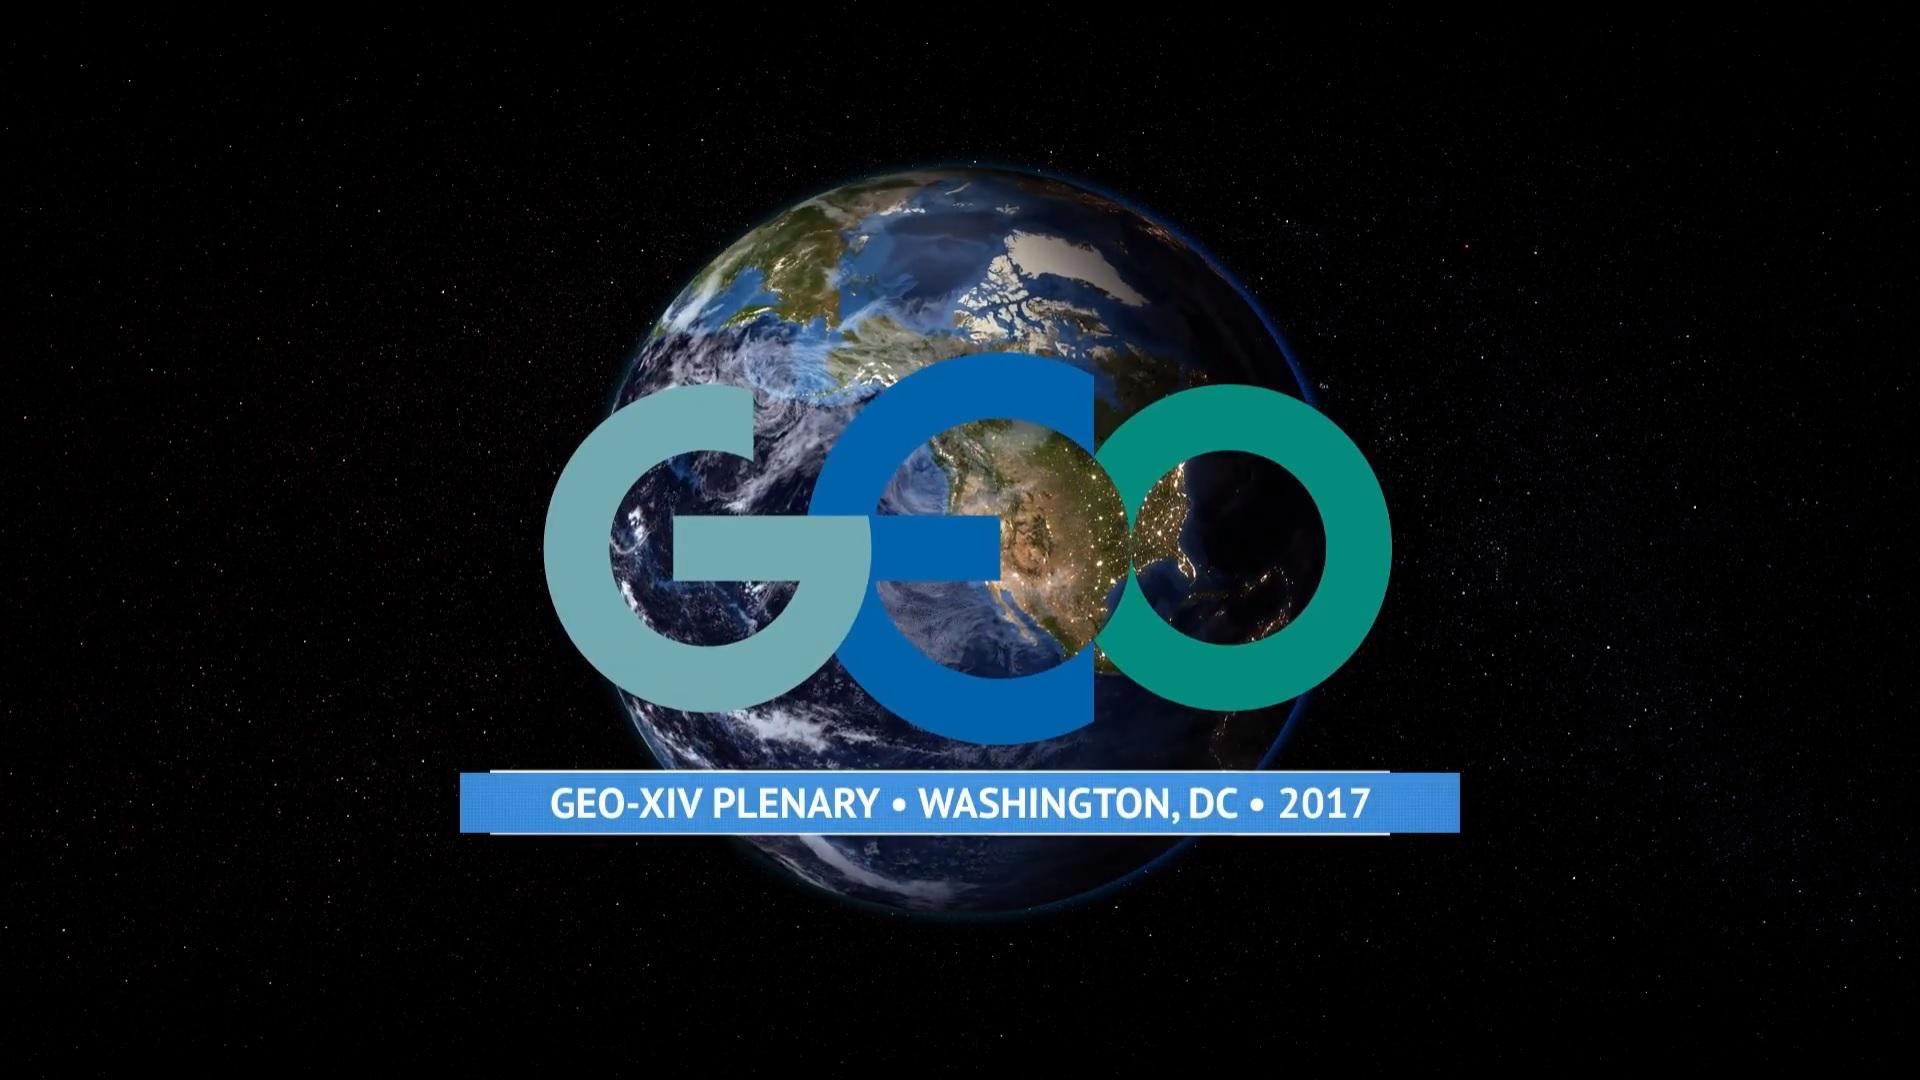 GEO. GEO-XIV Plenary in Washington, DC 2017